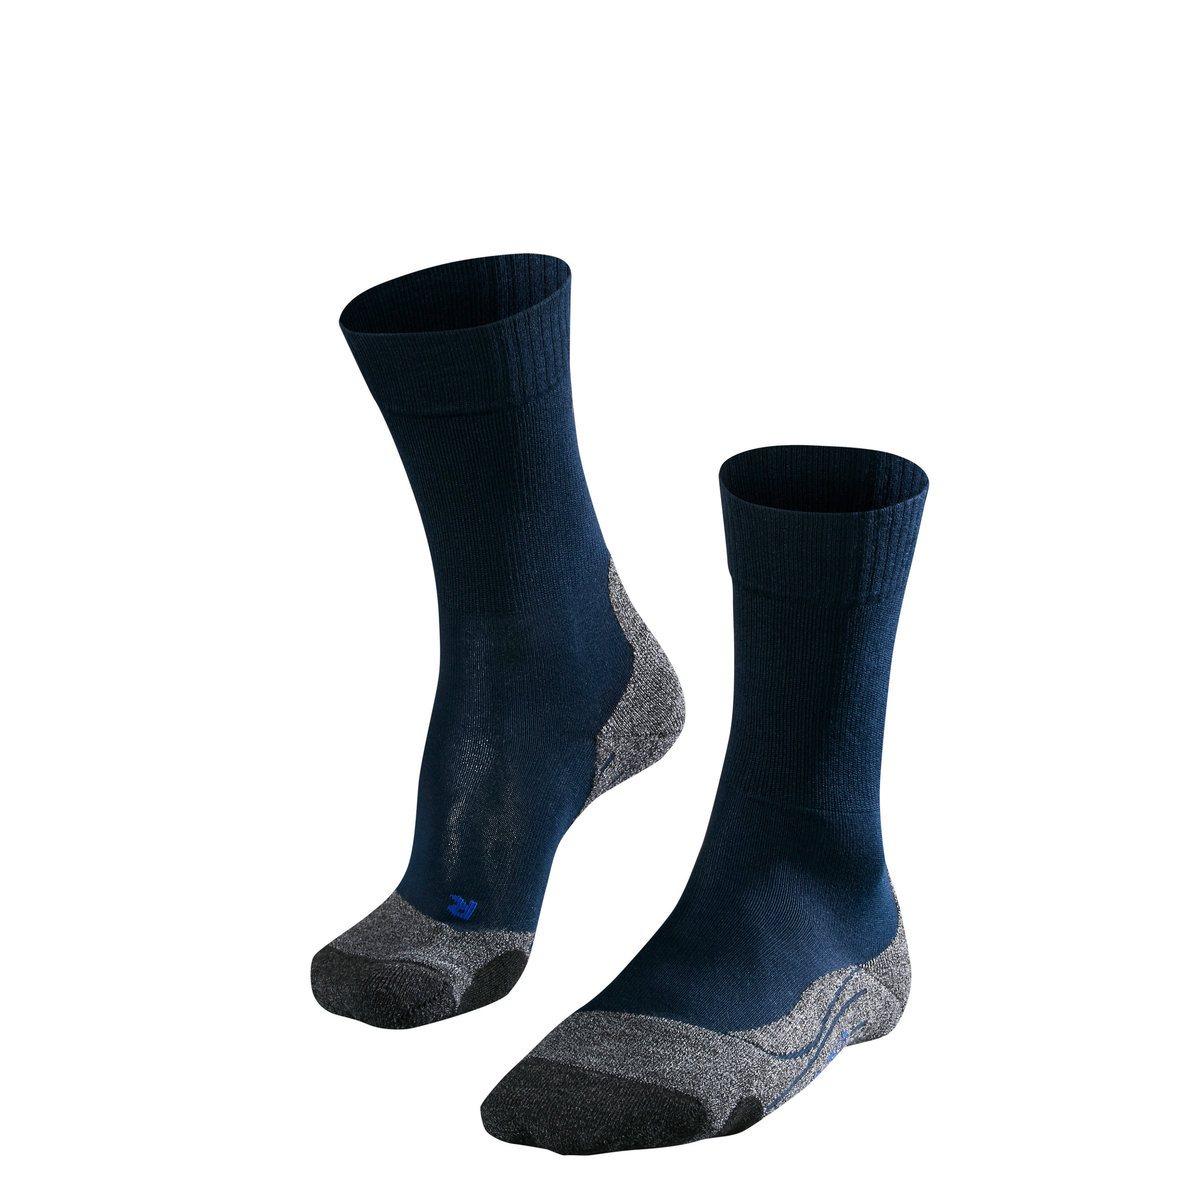 Falke FALKE TK2 COOL, moške smučarske nogavice, črna